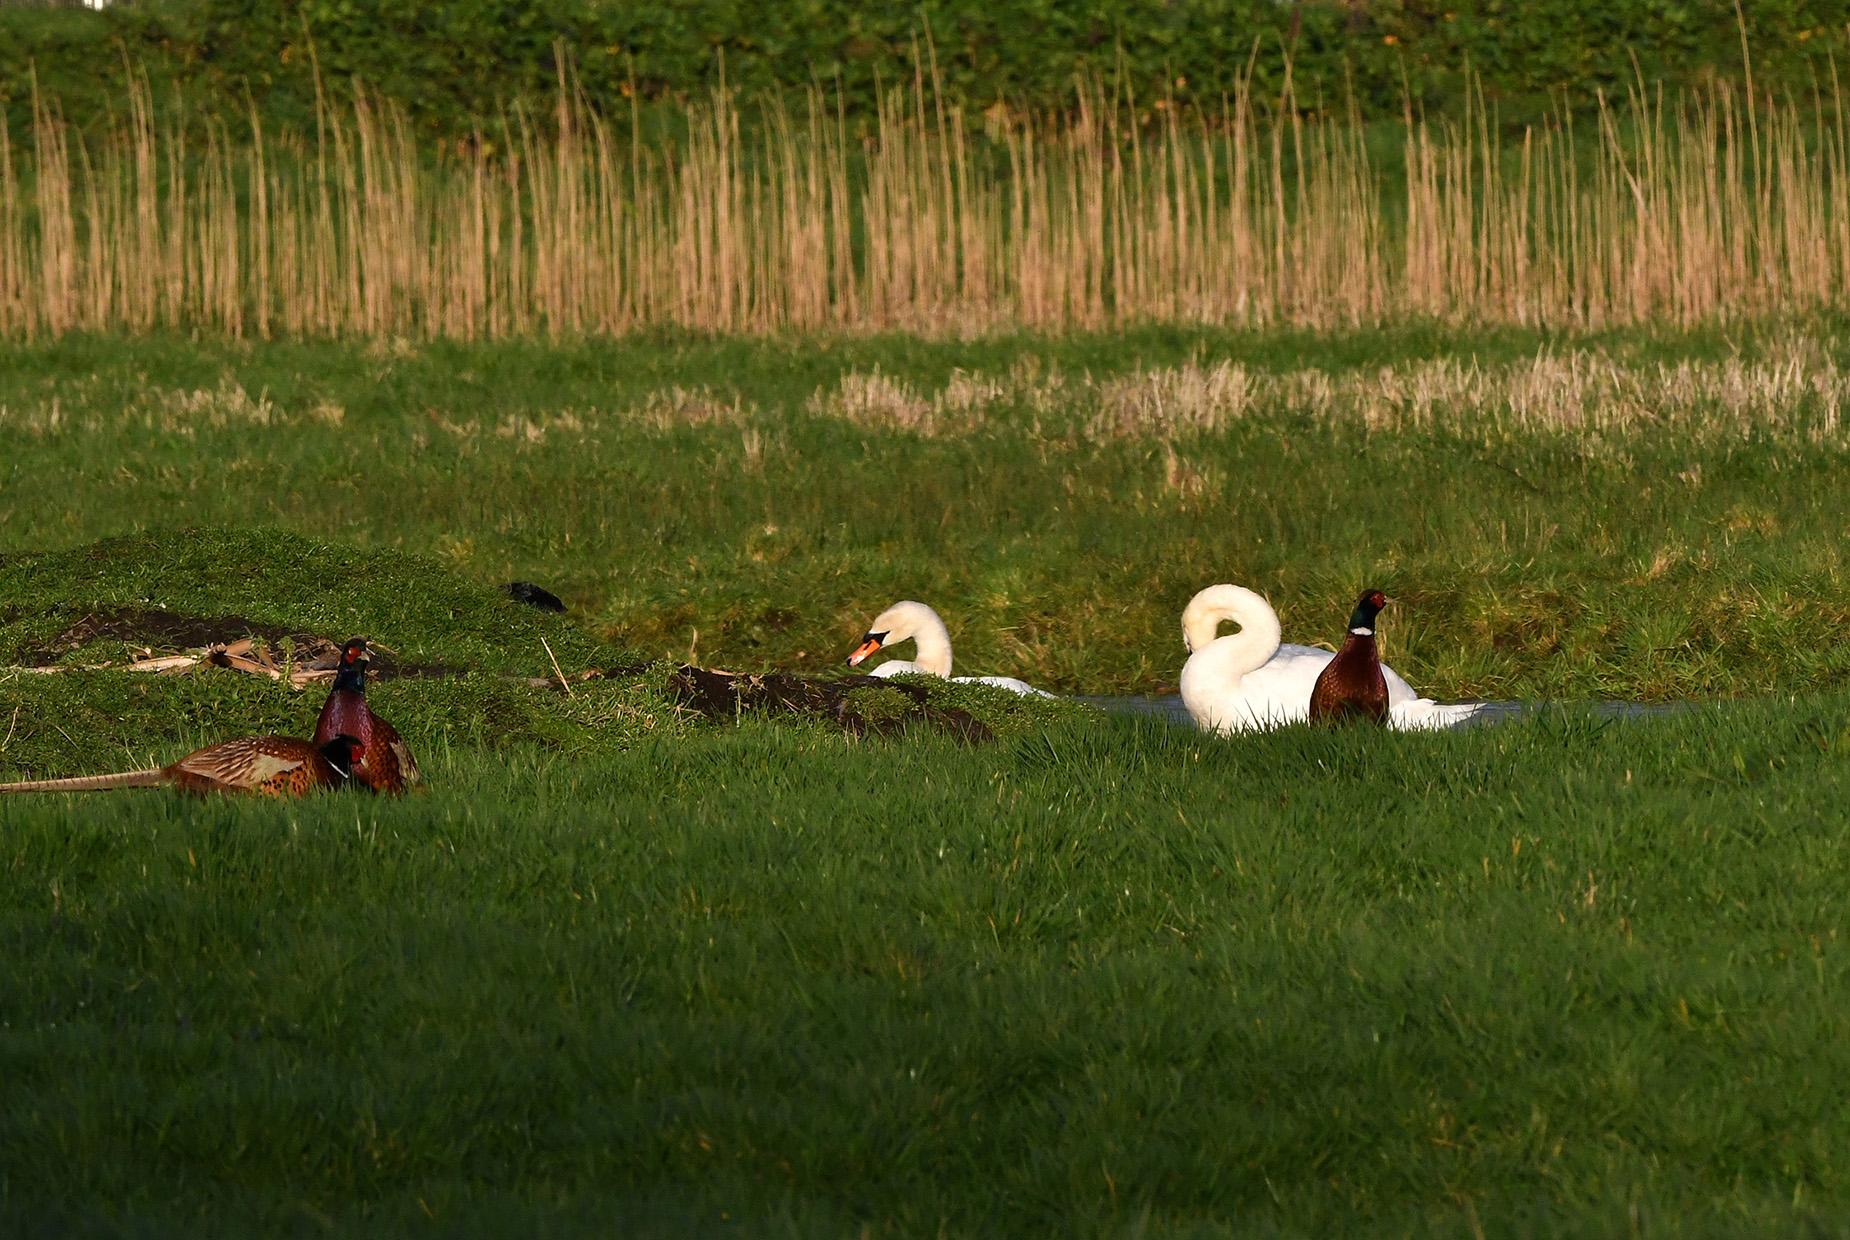 Steeds meer fazanten strijken neer in de buurt van de knobbelzwanen - Foto: ©Louis Fraanje